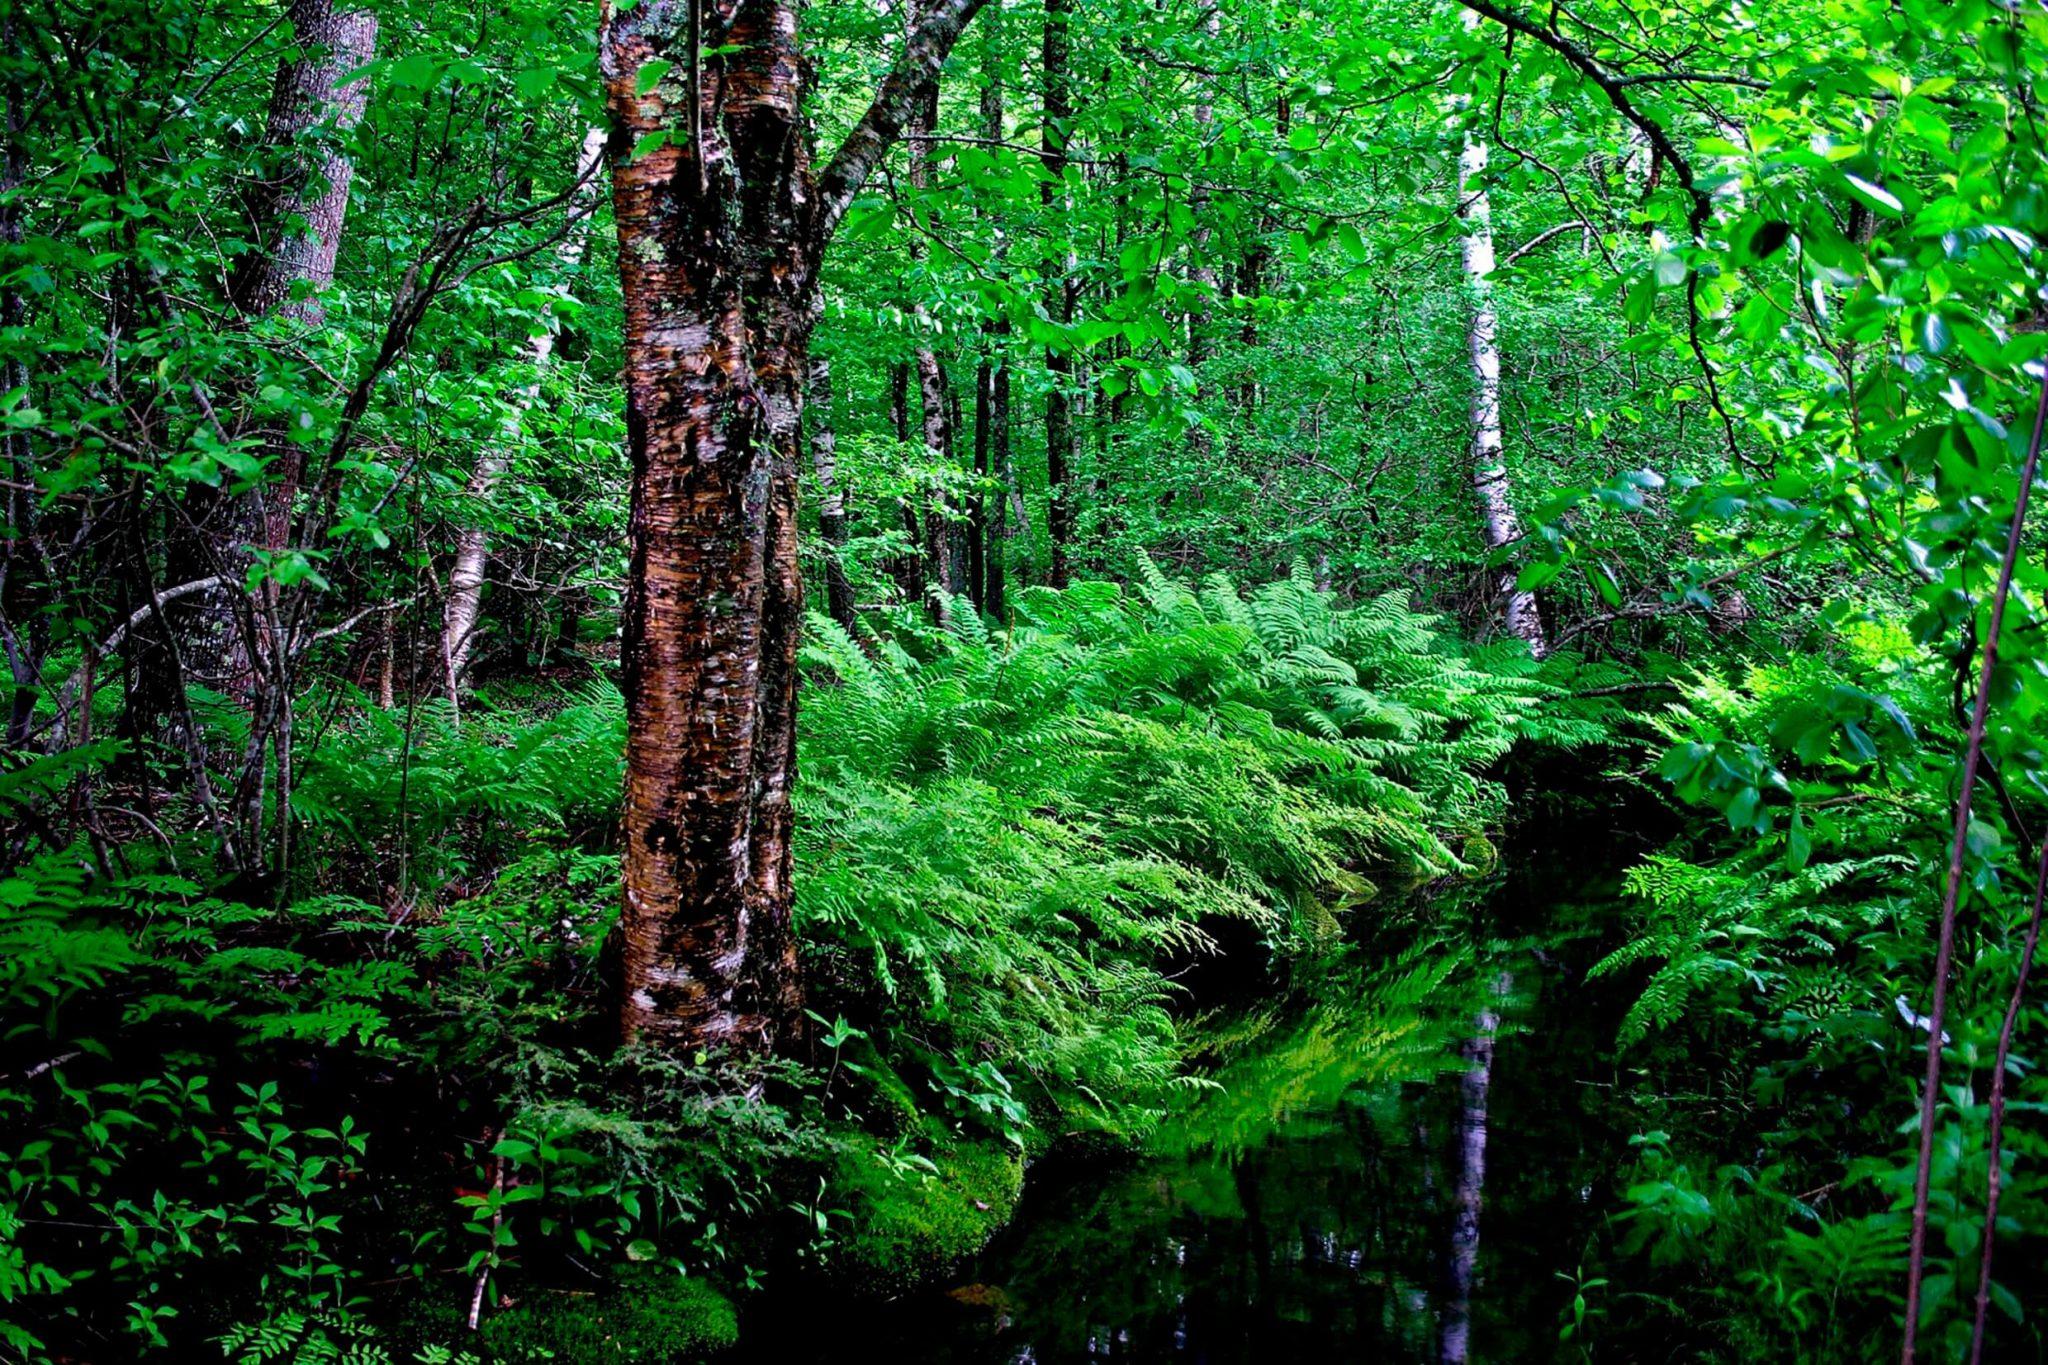 สายเดินป่าต้องรู้! 5 กิจกรรมเดินป่าอย่างไร ไม่รบกวนธรรมชาติ 2 - Environment